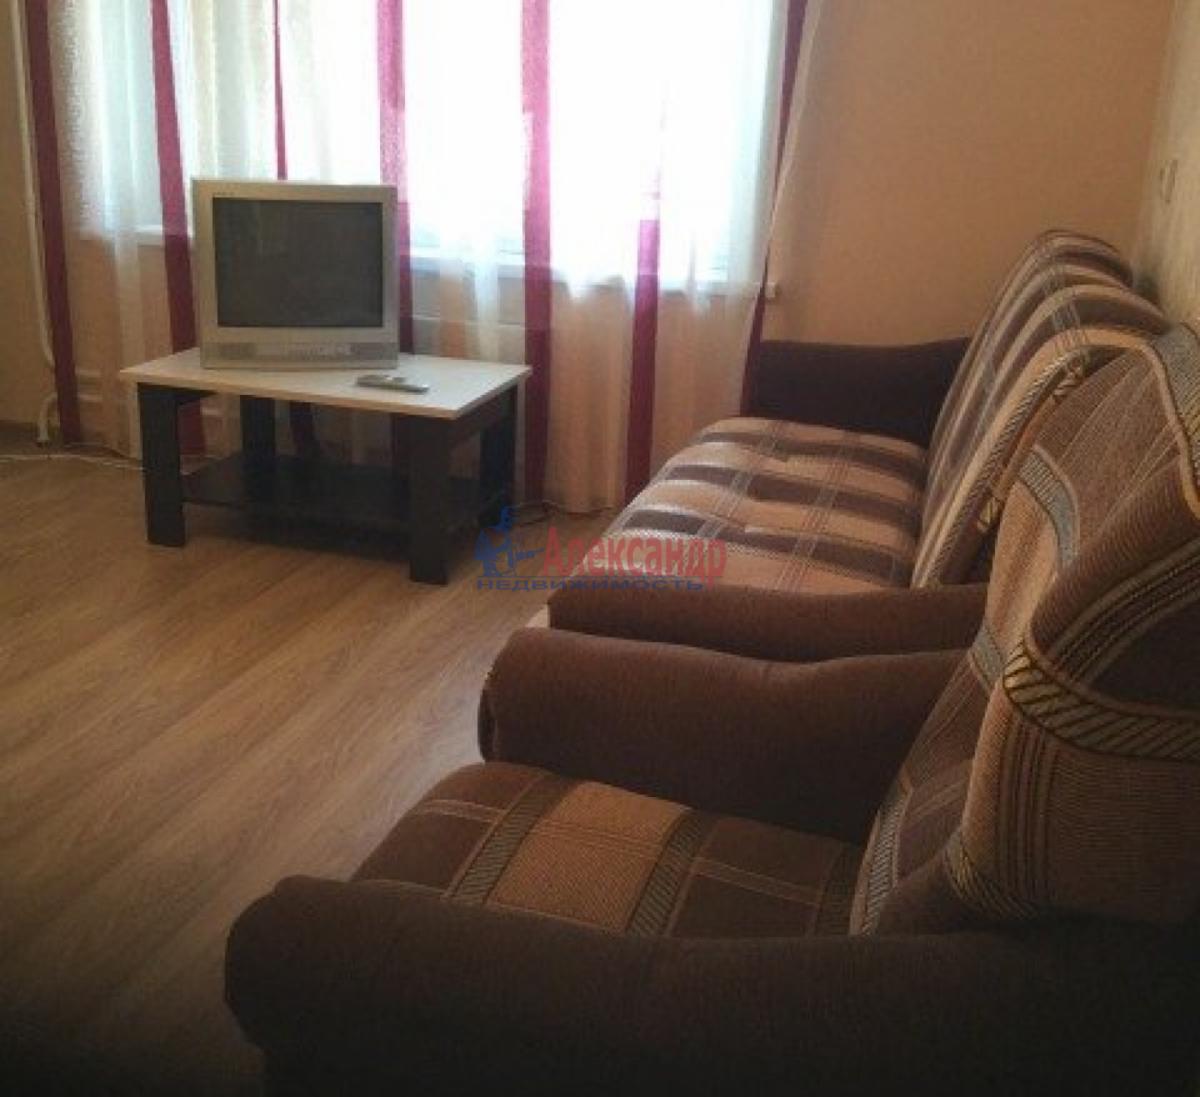 1-комнатная квартира (43м2) в аренду по адресу Дачный пр., 33— фото 6 из 9